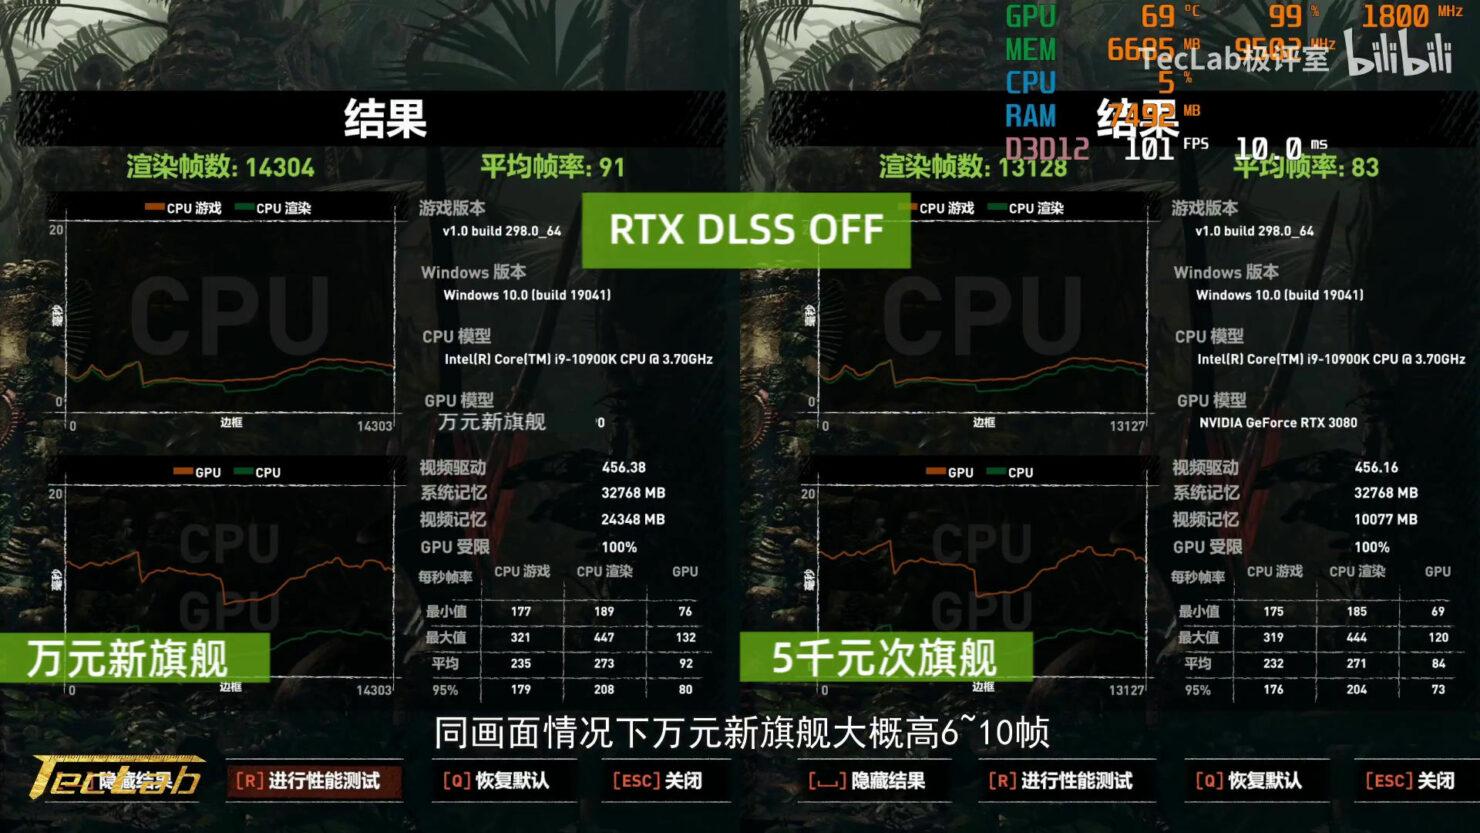 rtx-3090-vs-rtx-3080-rtx-dlss-off-tomb-radier